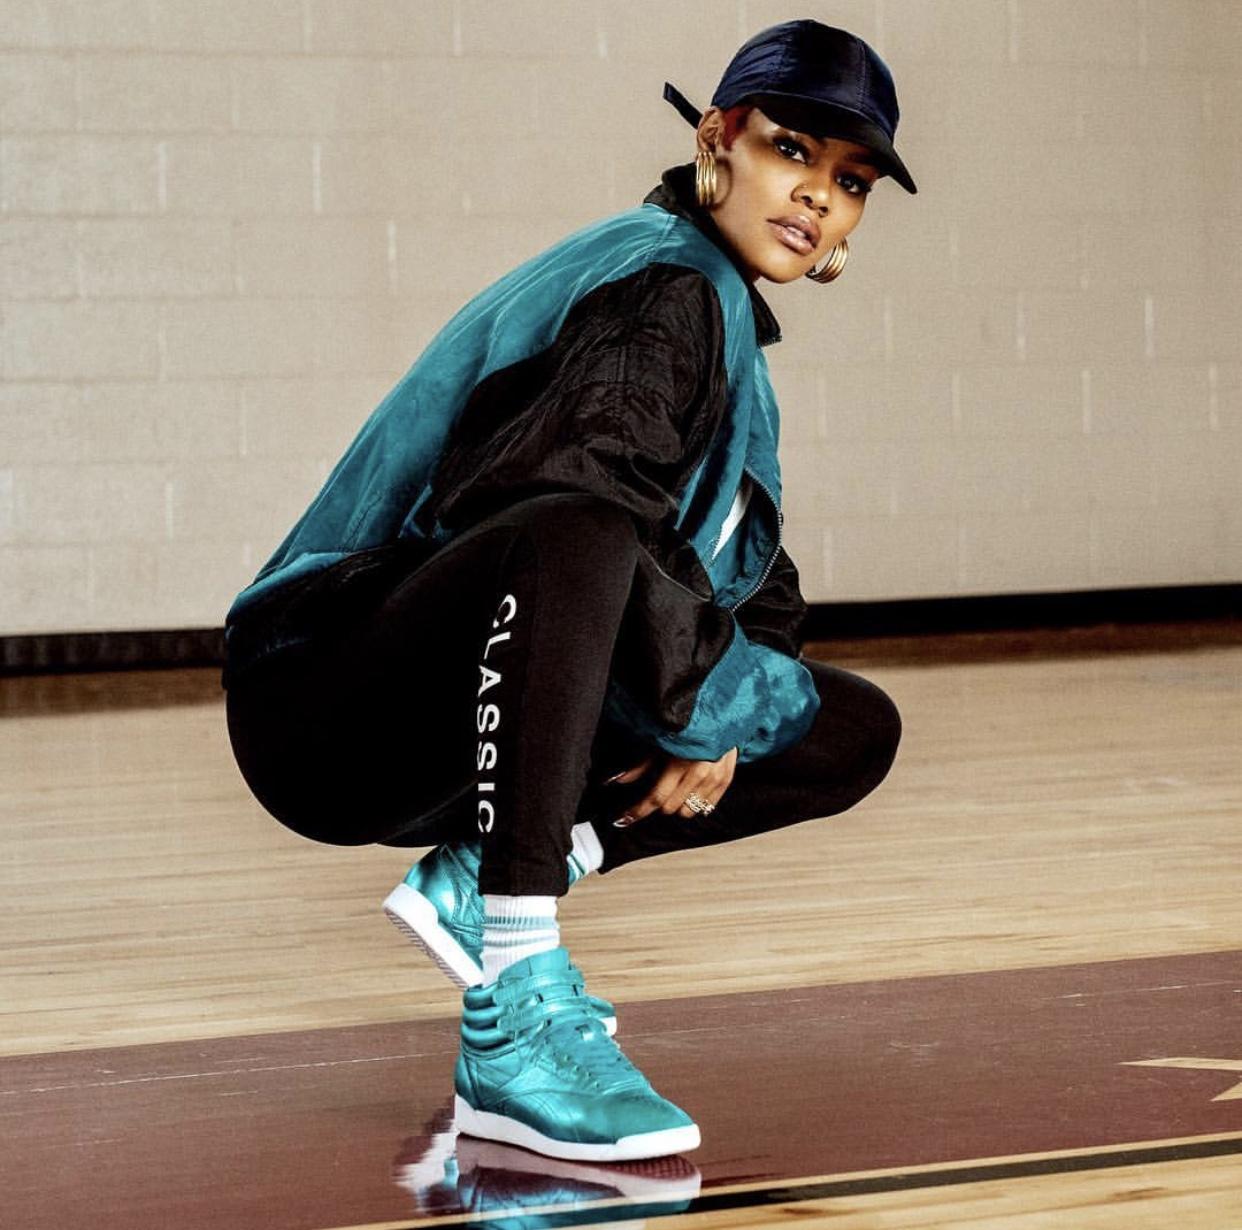 def630b5cdc Teyana Taylor Keeps it Fun Wearing This Reebok Freestyle Hi Metallic — CNK  DailyChicksNKicks